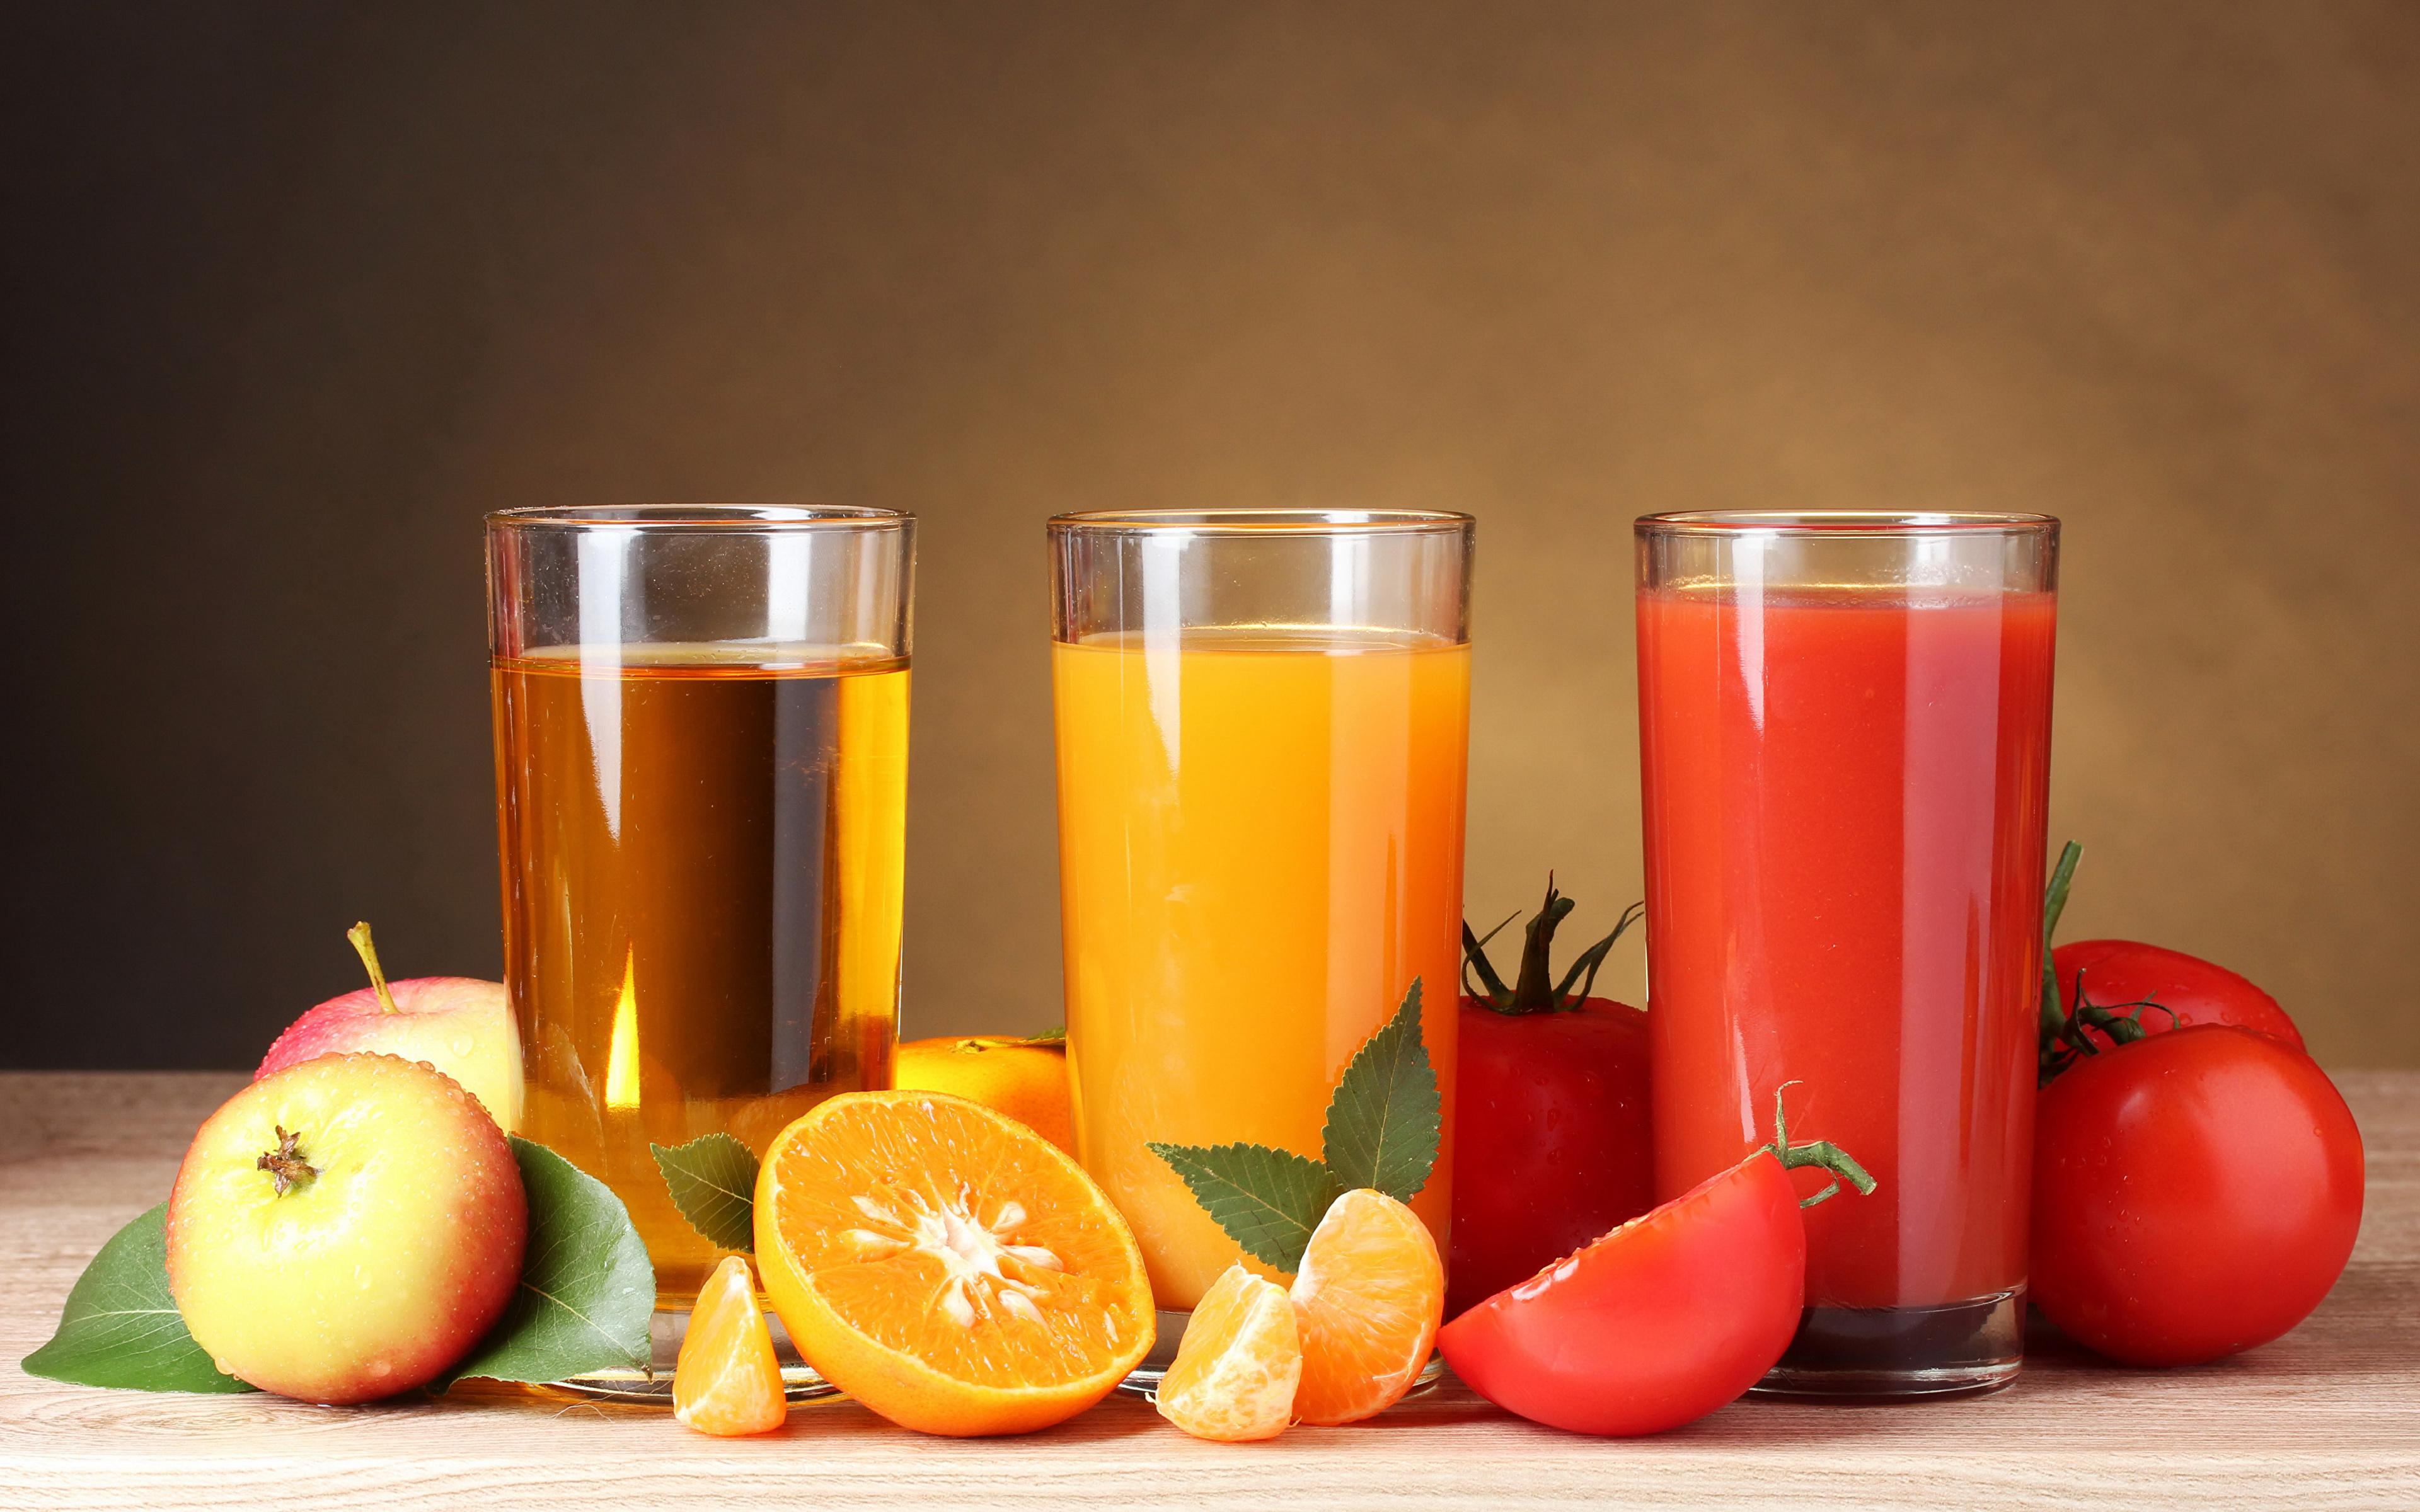 Картинки Сок Апельсин Помидоры Яблоки стакана Трое 3 Продукты питания 3840x2400 Томаты Стакан стакане Еда три Пища втроем